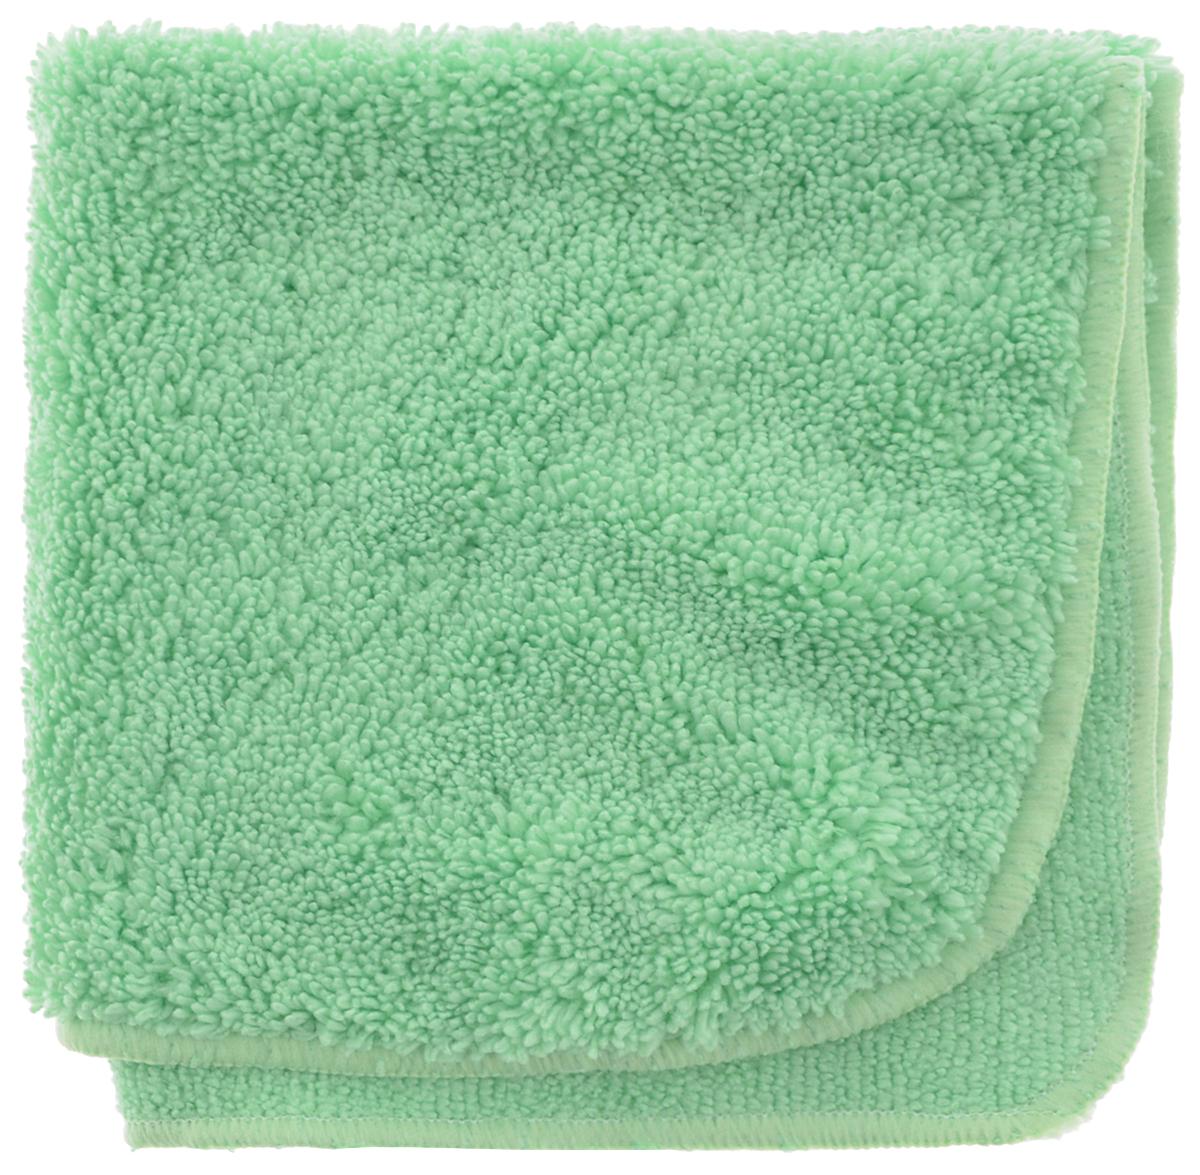 Салфетка для уборки Meule Premium, универсальная, цвет: салатовый, 30 х 30 см787502Салфетка Meule Premium выполнена из высококачественной микрофибры (80% полиэстер, 20% полиамид). У салфетки двусторонняя структура с хорошо выраженными ворсинками с одной стороны и удлиненным ворсом. Изделие может использоваться как для сухой, так и для влажной уборки. Деликатно очищает любые виды поверхности, не оставляет следов и разводов. Идеально впитывает влагу, удаляет загрязнения и пыль, а также подходит для протирки полированной мебели. Сохраняет свои свойства после стирки.